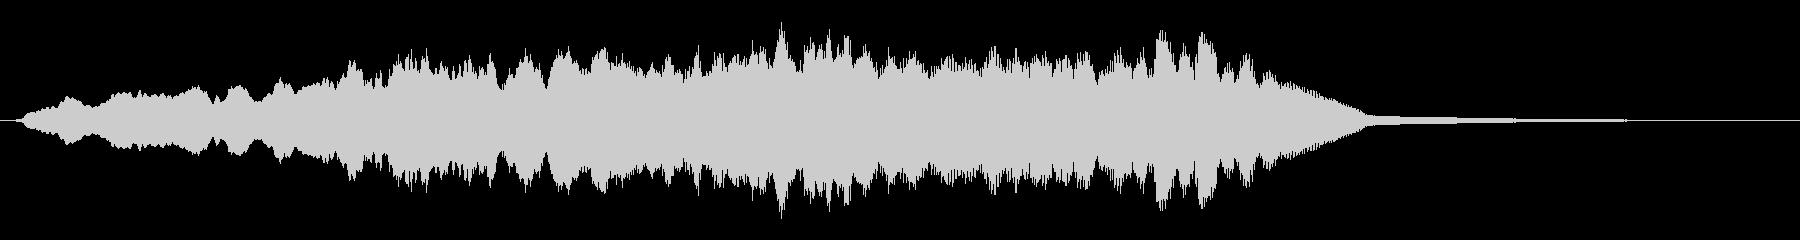 パッド レゾナンスフィフス03の未再生の波形